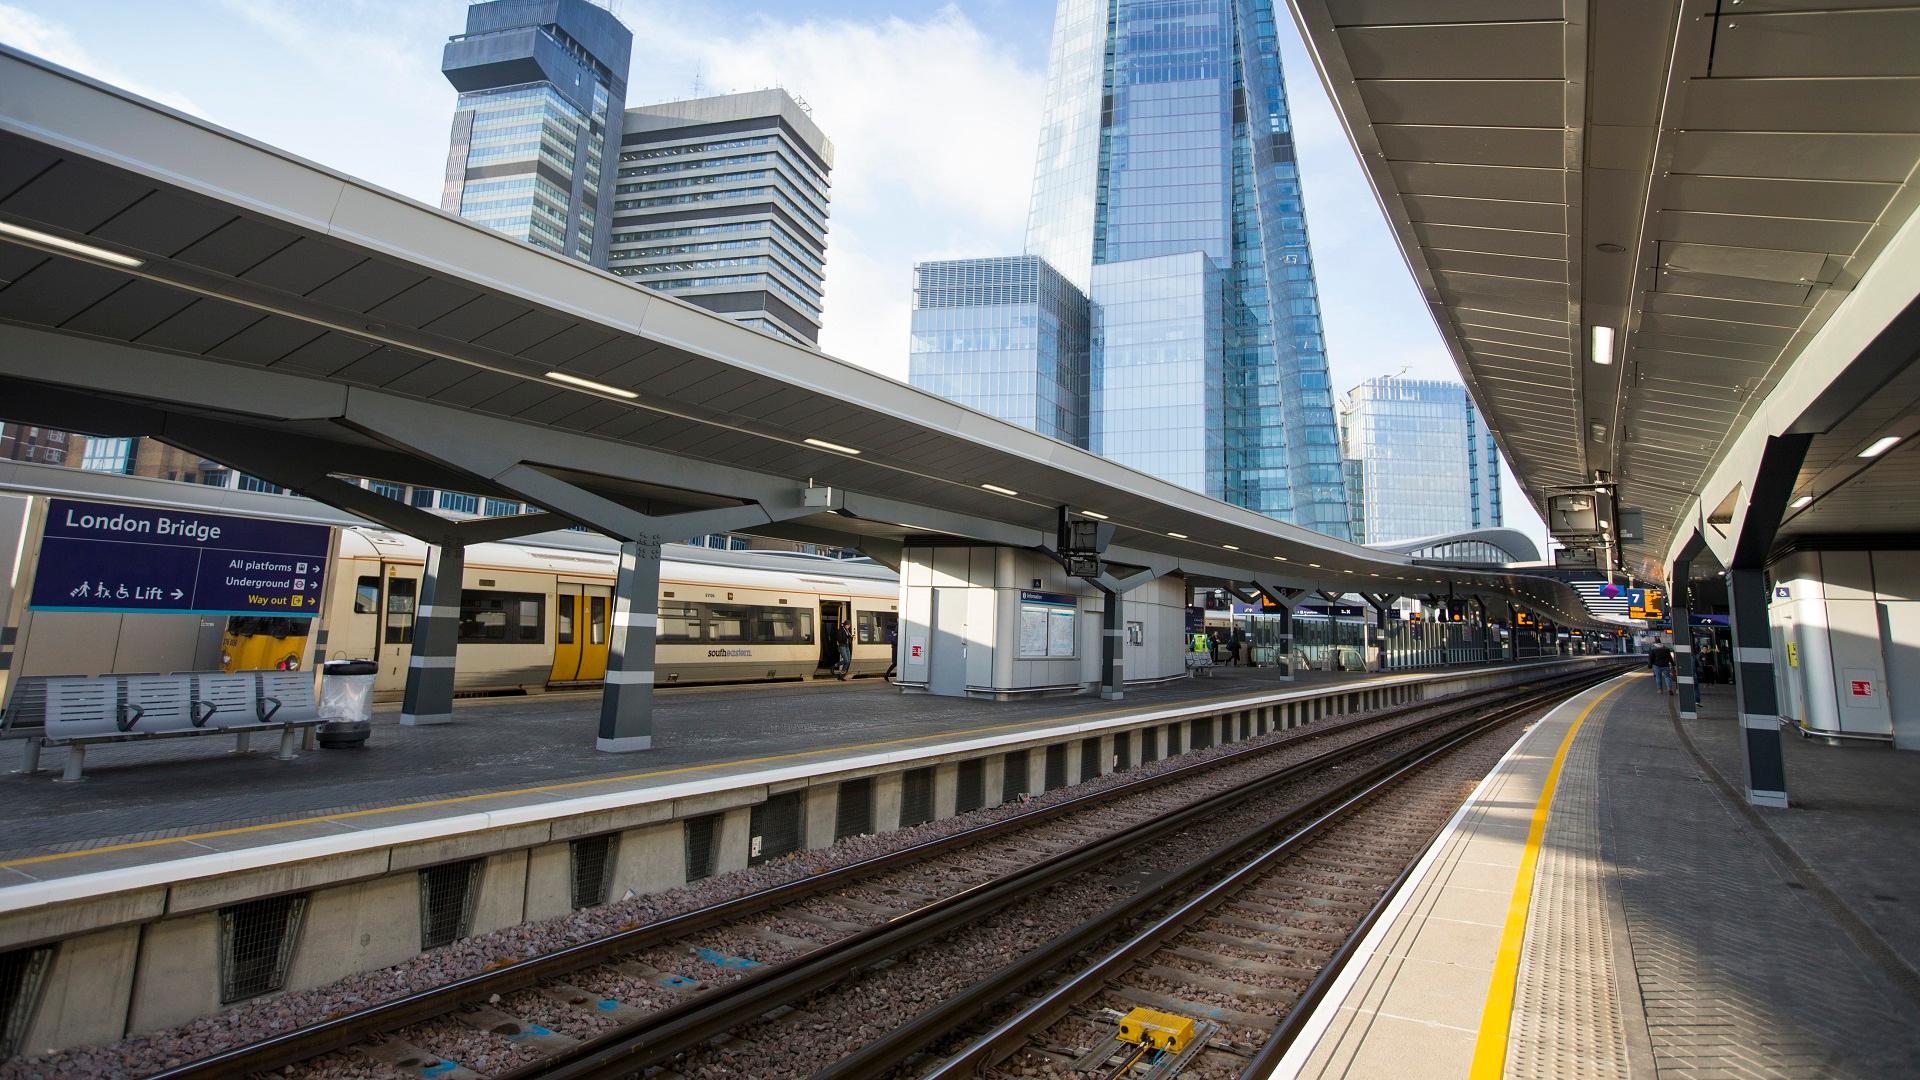 Plateforme de train à la station London Bridge, avec un train Southeastern en arrière-plan.